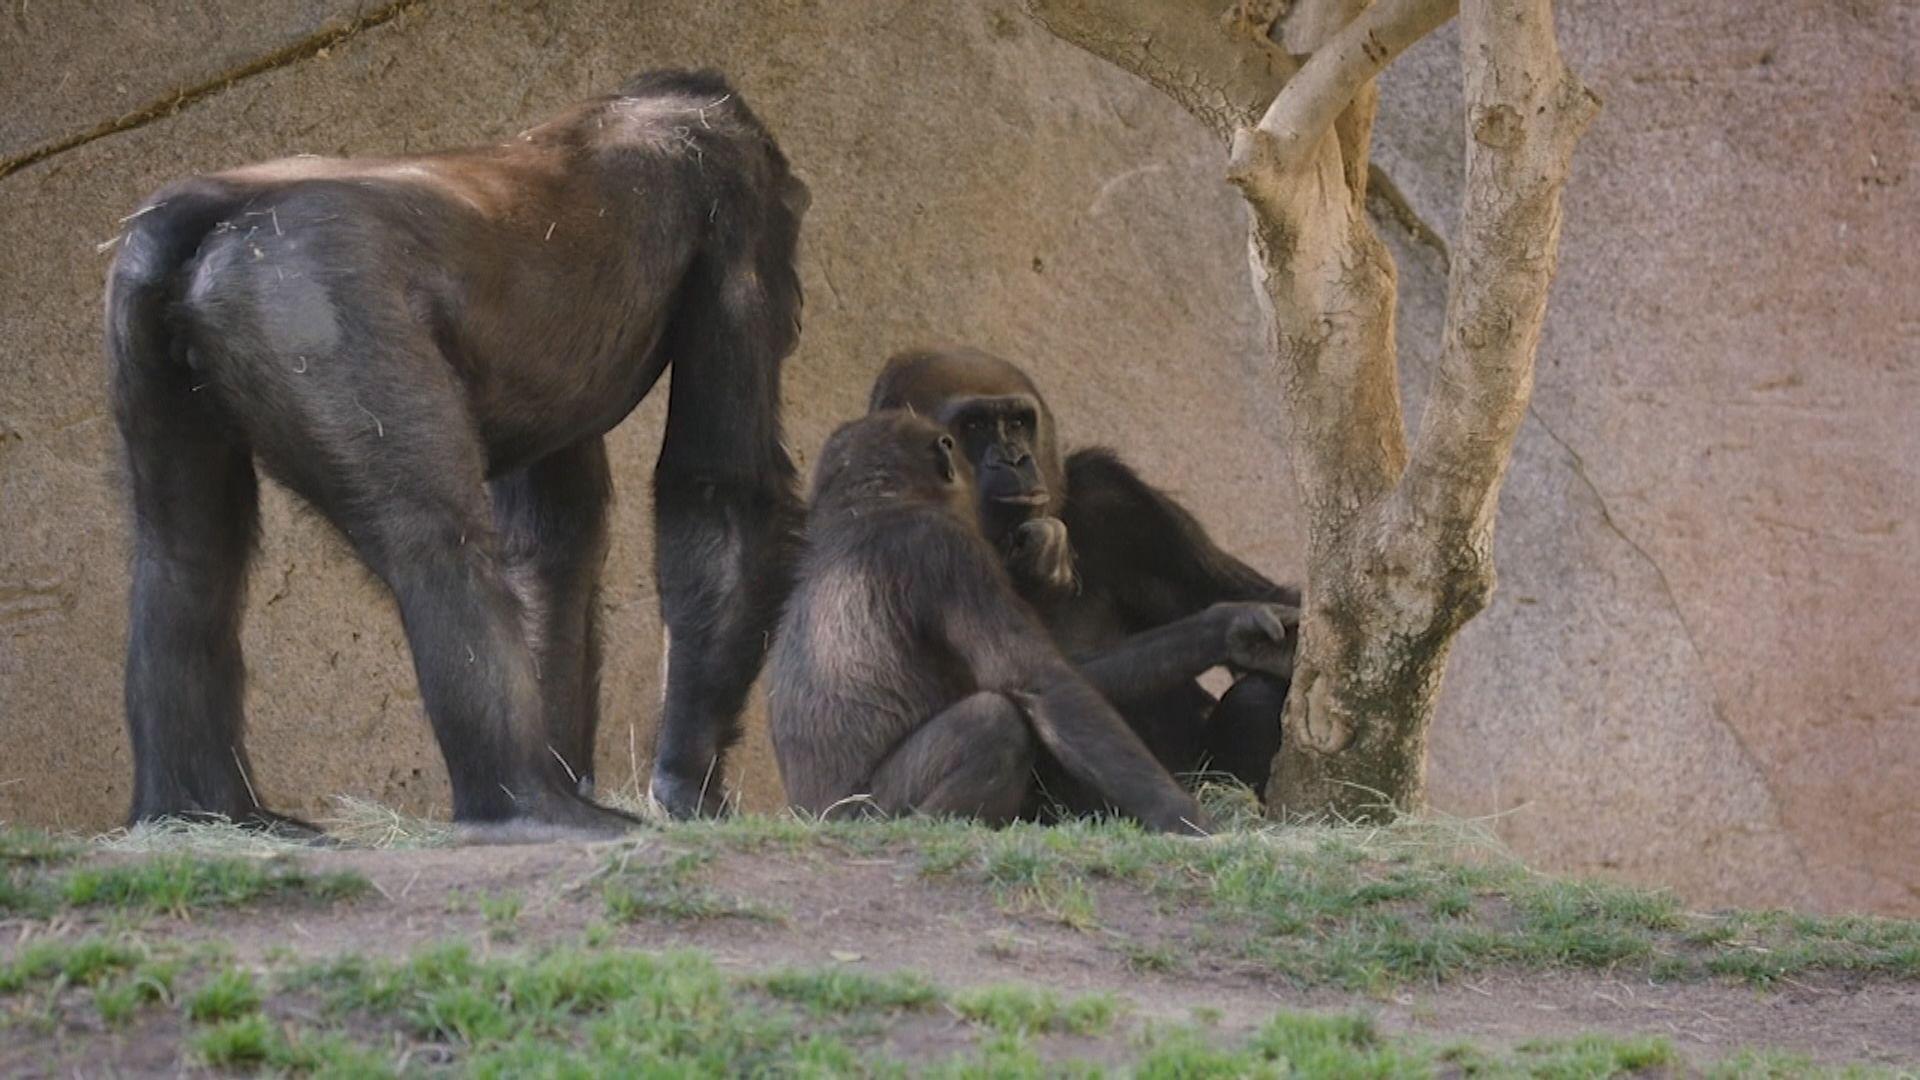 【環球薈報】動物園首次有大猩猩確診新冠病毒